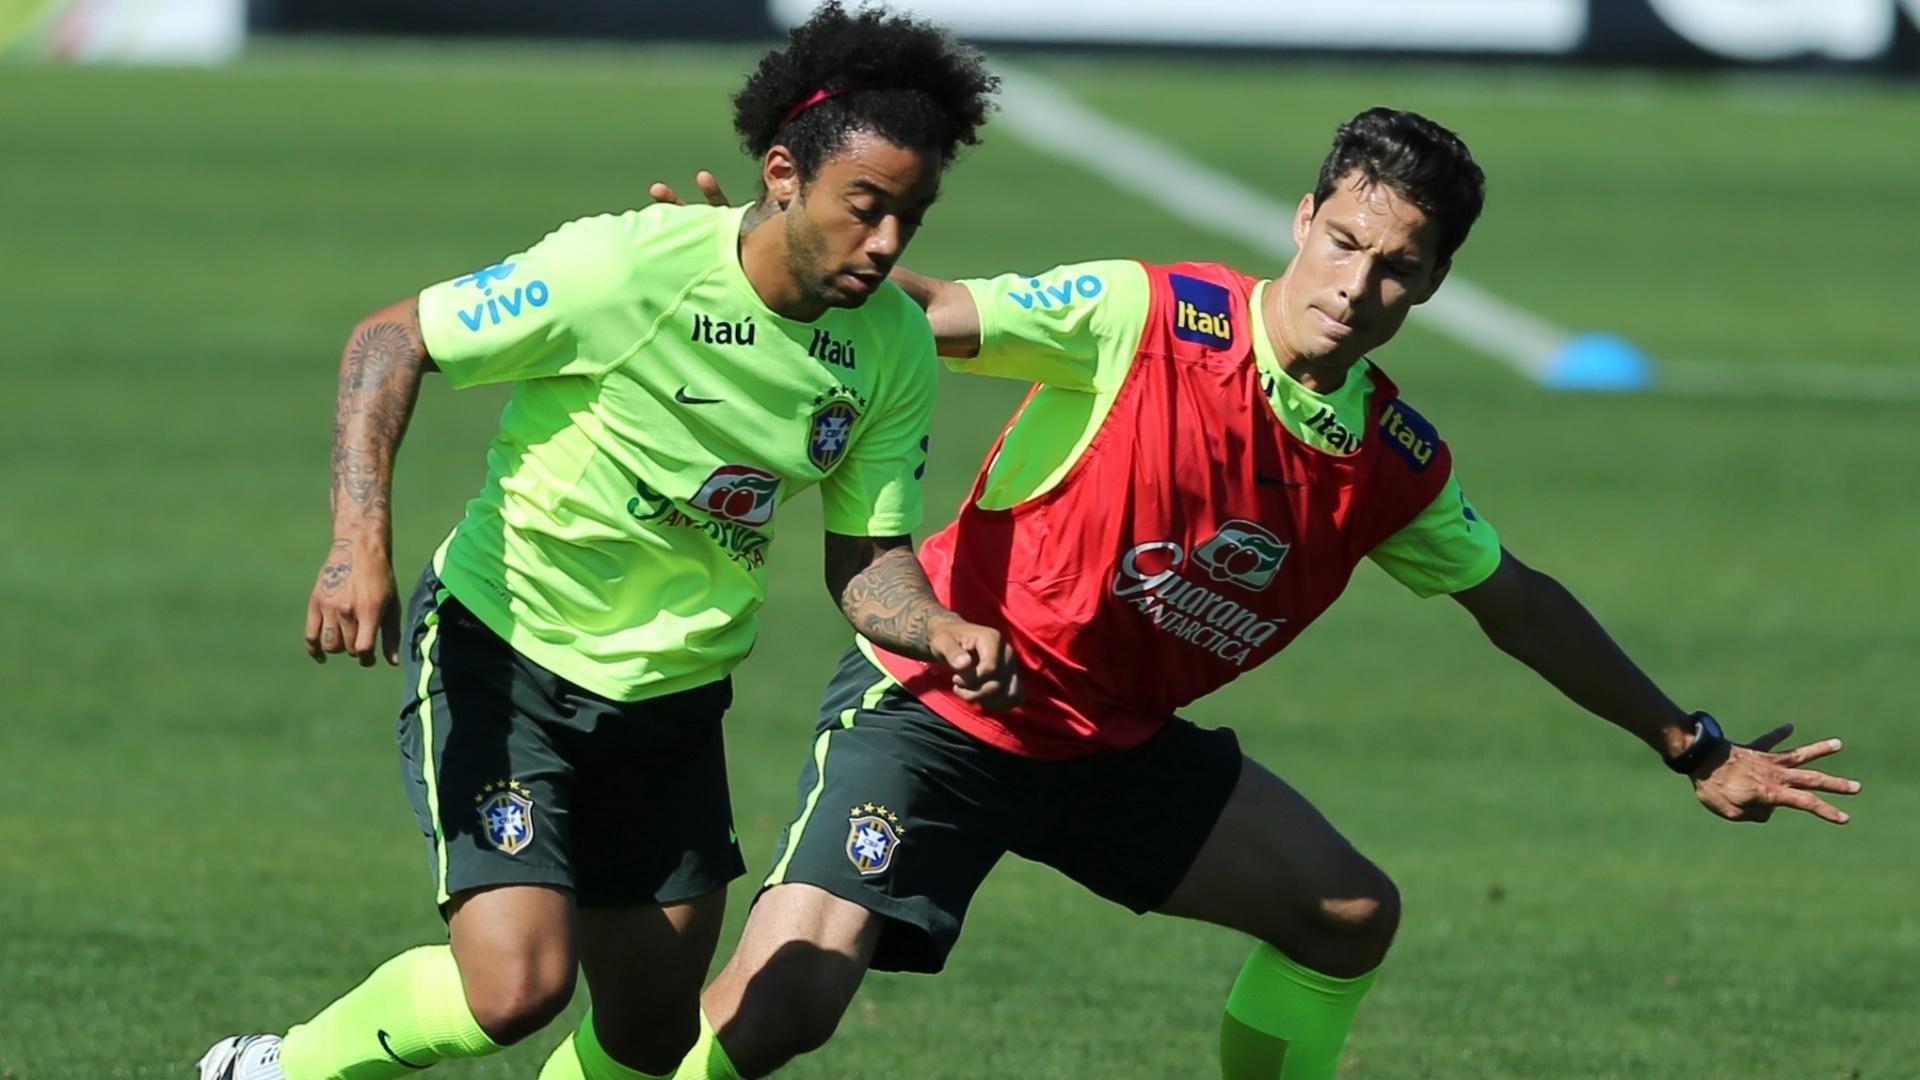 Marcelo e Hernanes disputam bola durante coletivo da seleção brasileira na Granja Comary